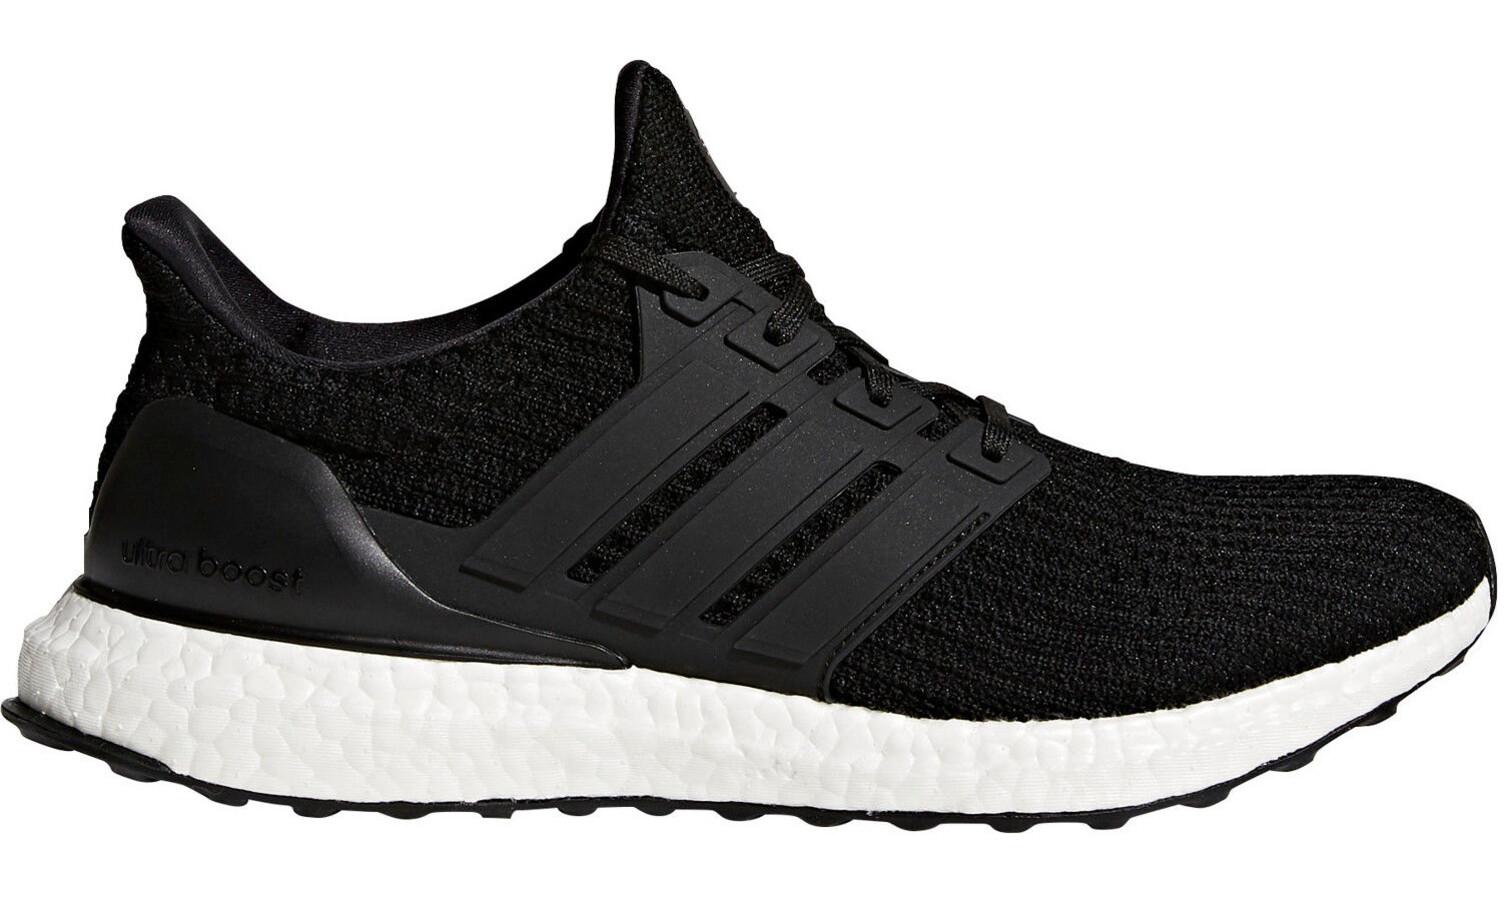 89eb05db adidas UltraBoost Løpesko Herre core black/core black/core black ...